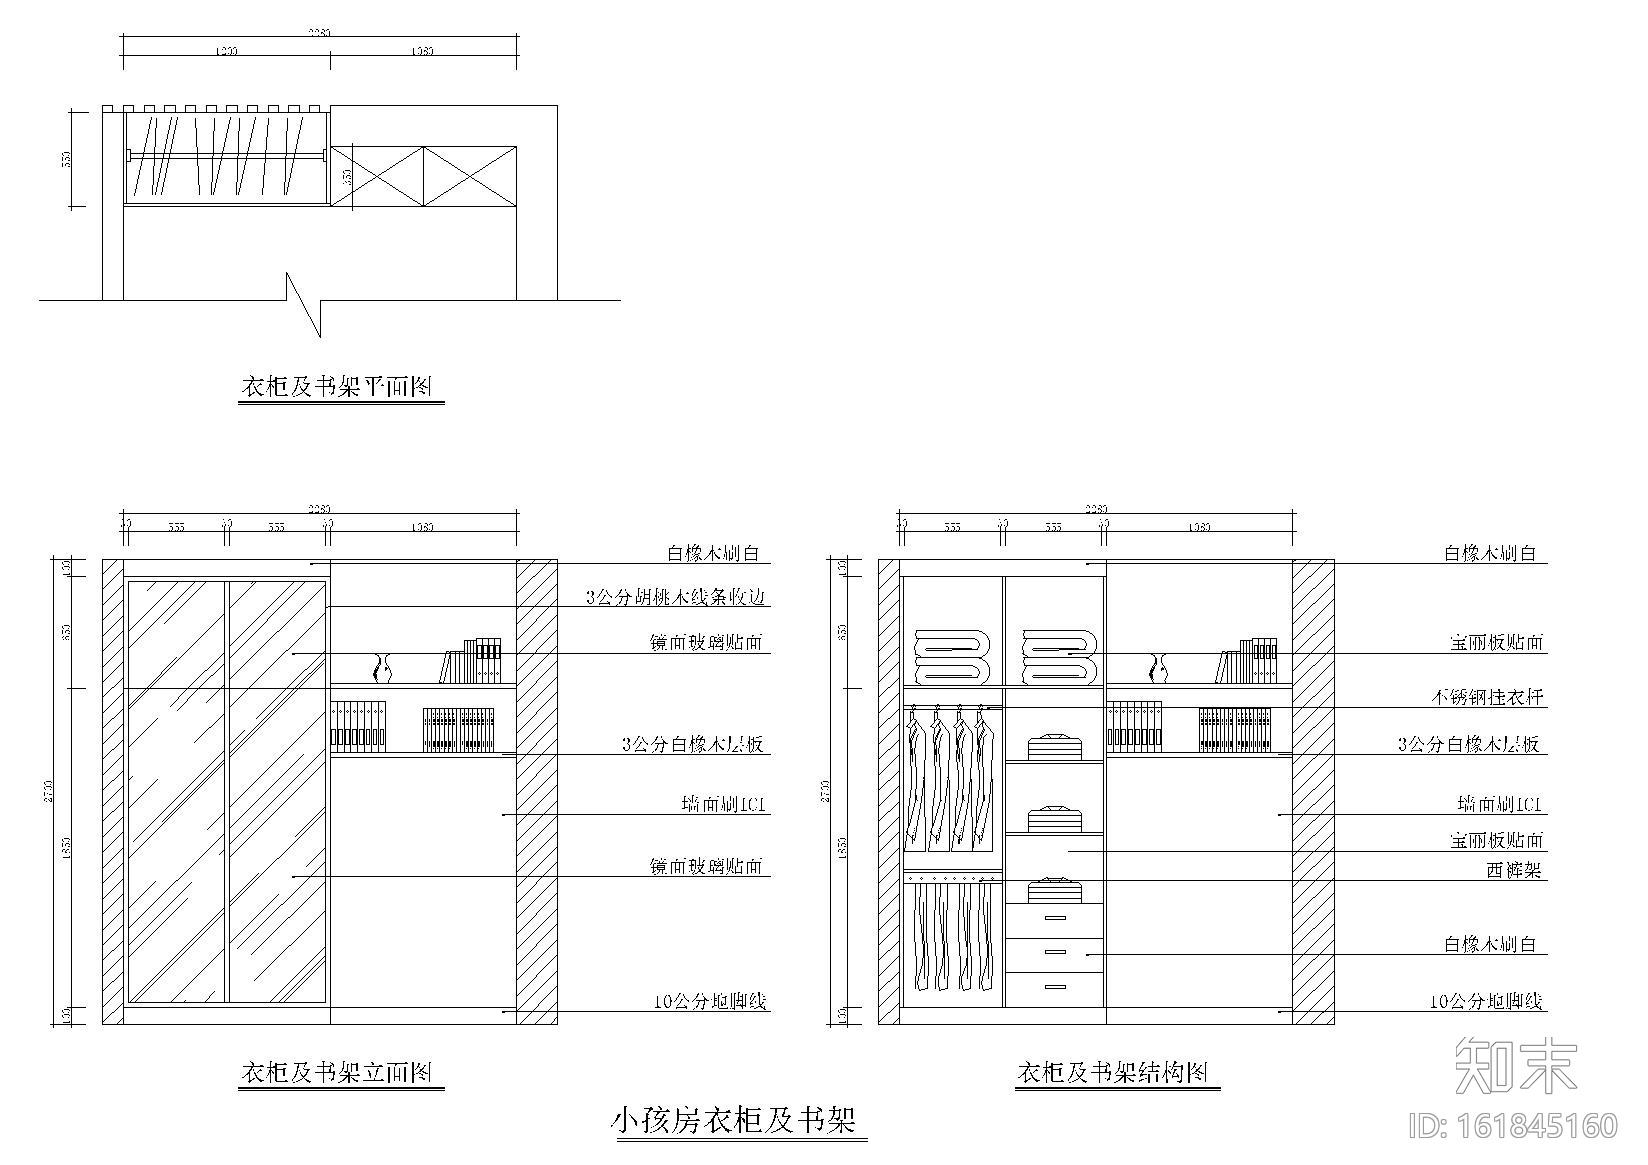 30款-室内衣柜装饰立面图例图块施工图下载【ID:161845160】